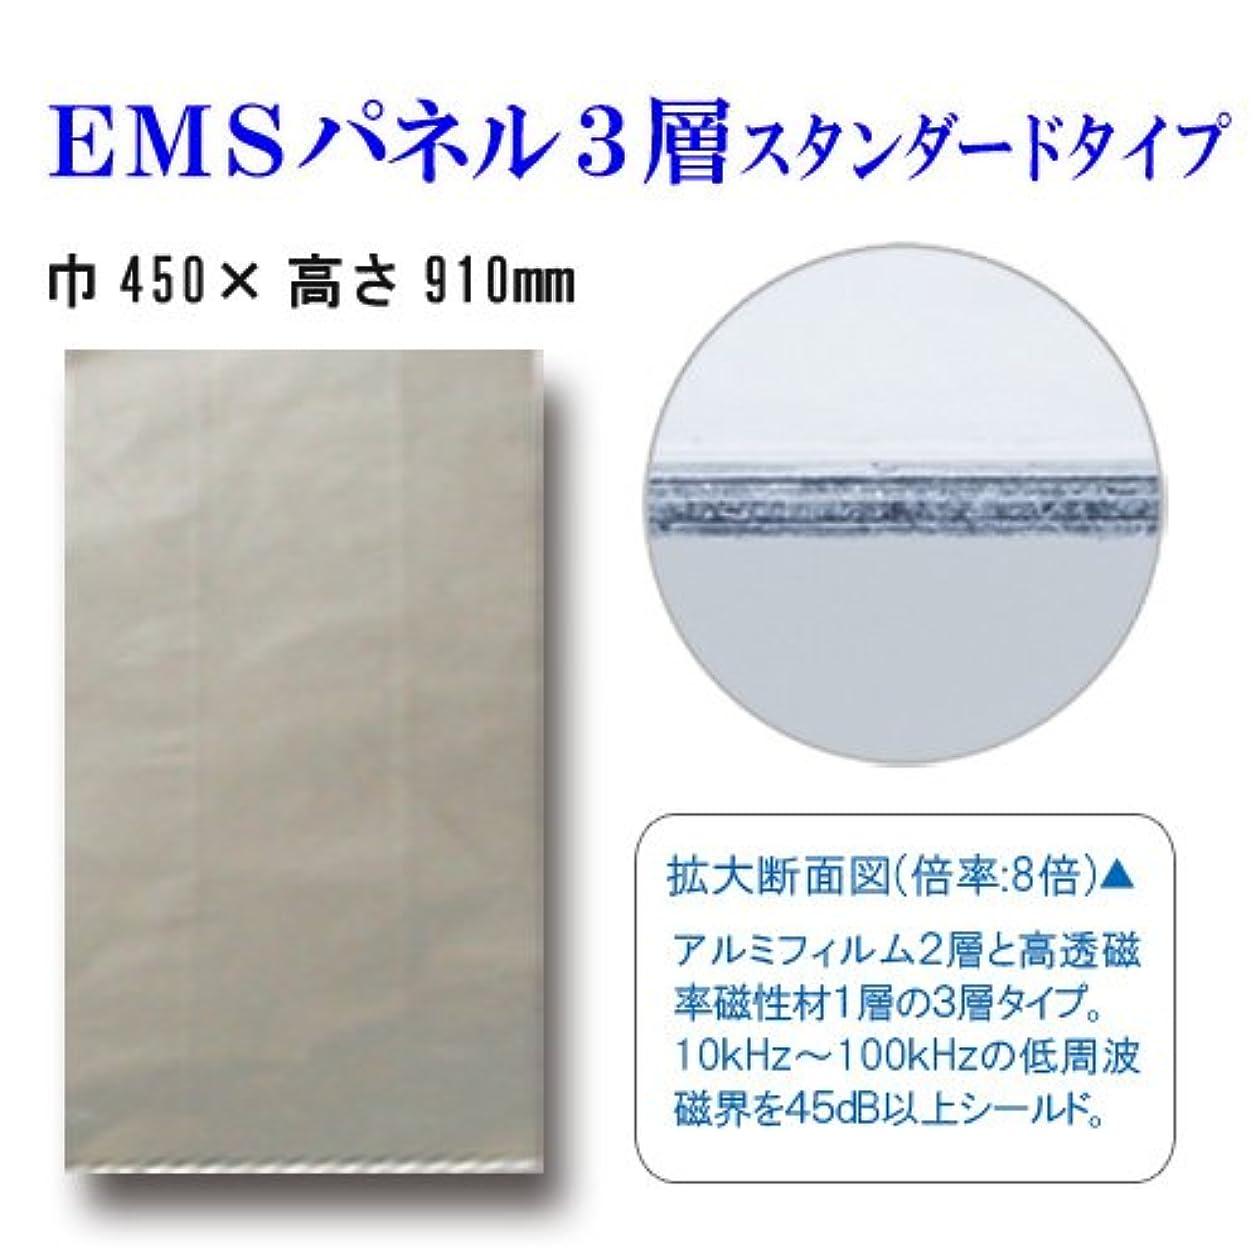 災難遅い日の出EMSパネル3層-標準タイプ(低周波磁界対策)450×910mm